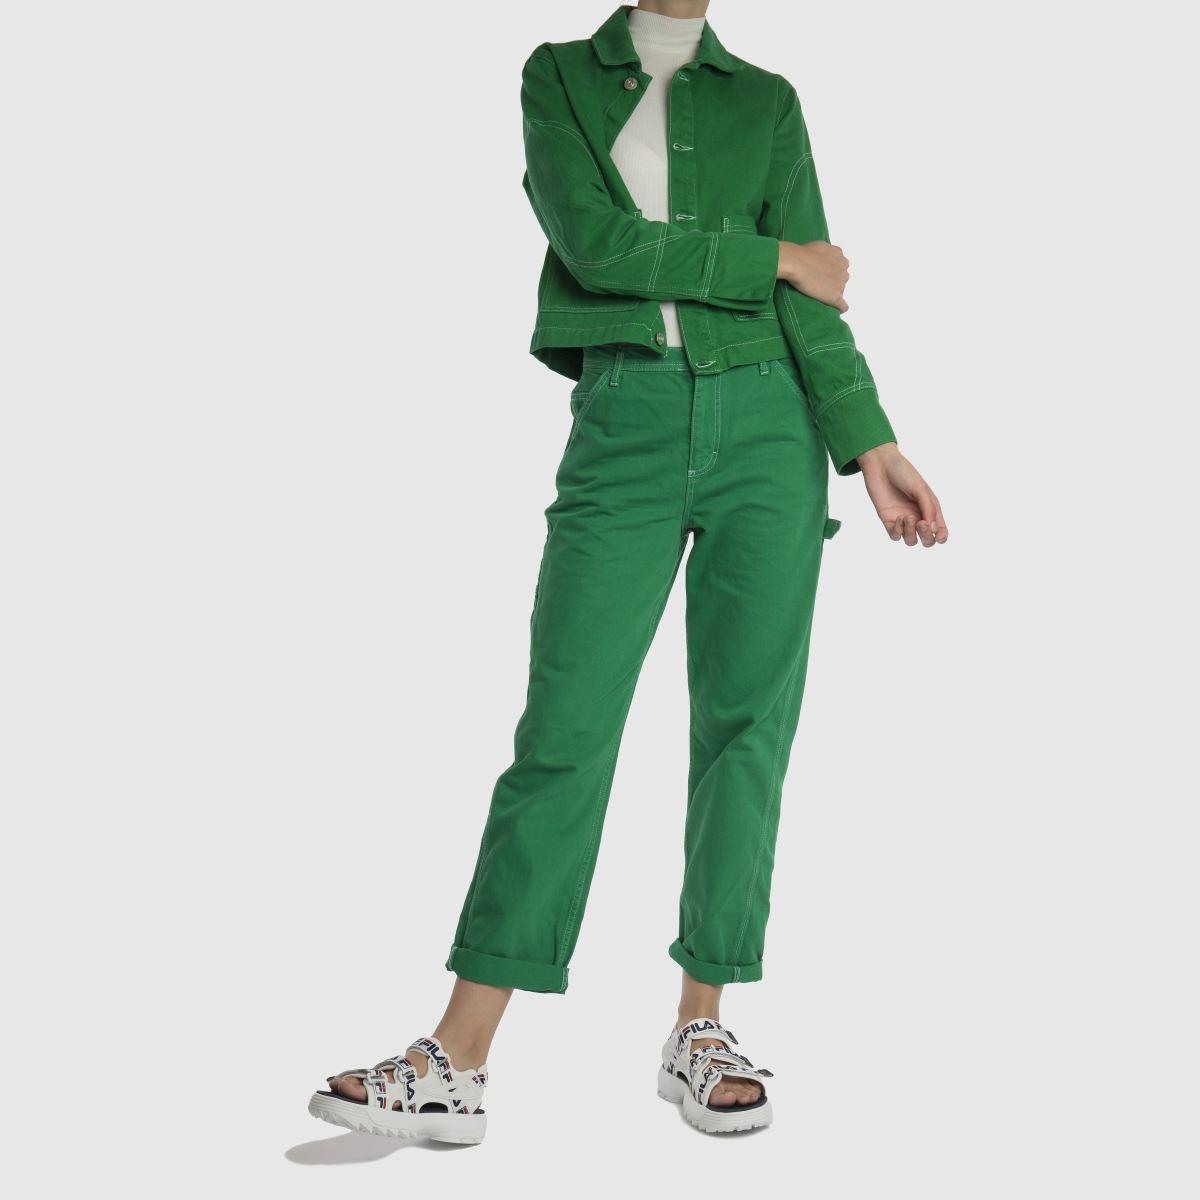 Damen Weiß-marineblau fila Disruptor Sandalen | schuh Gute Qualität beliebte Schuhe